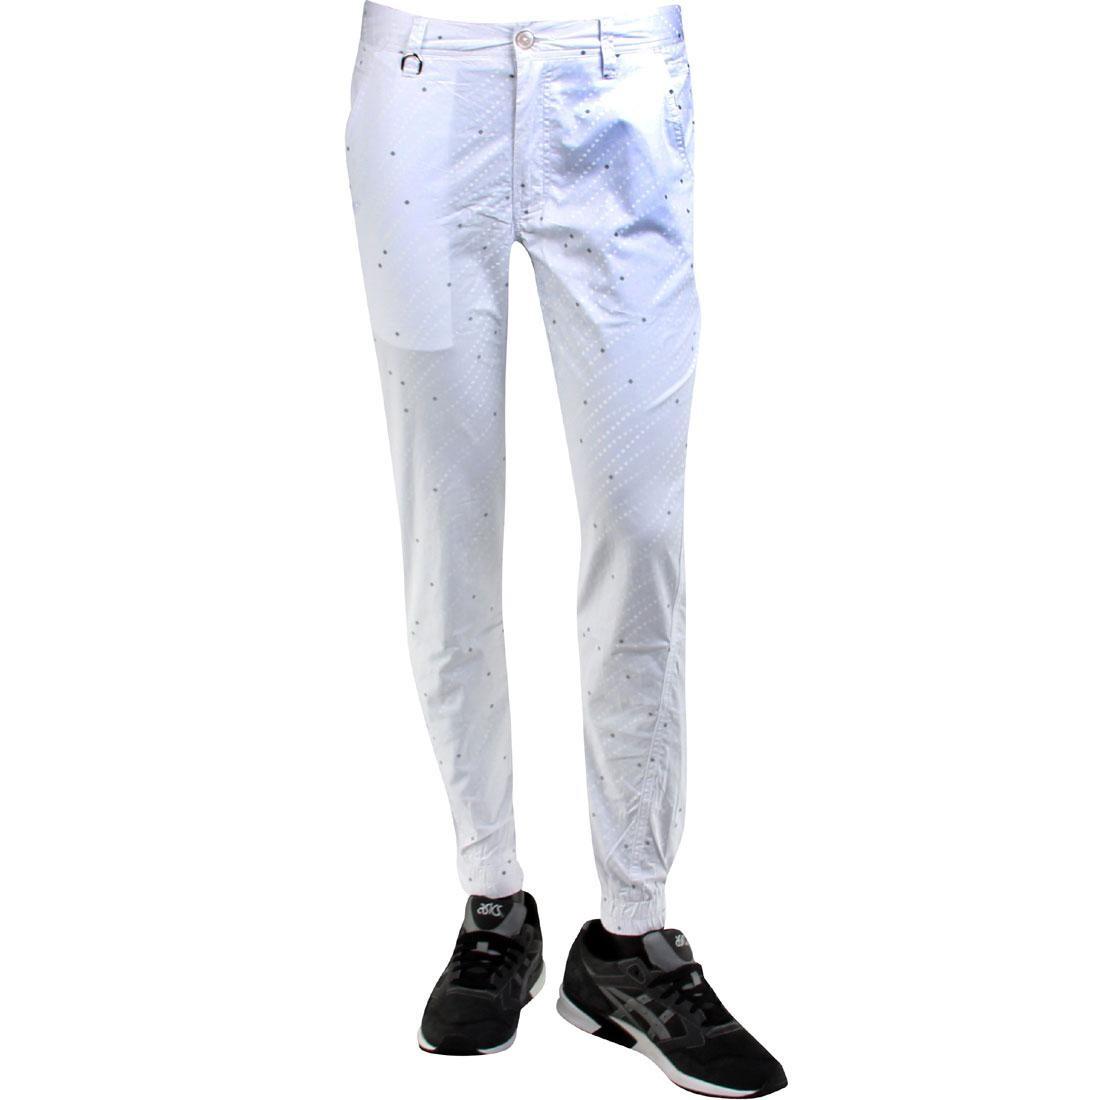 【海外限定】パブリッシュ ズボン メンズファッション 【 PUBLISH FLOYD 3M GRADIENT SQUARES JOGGER PANTS WHITE 】